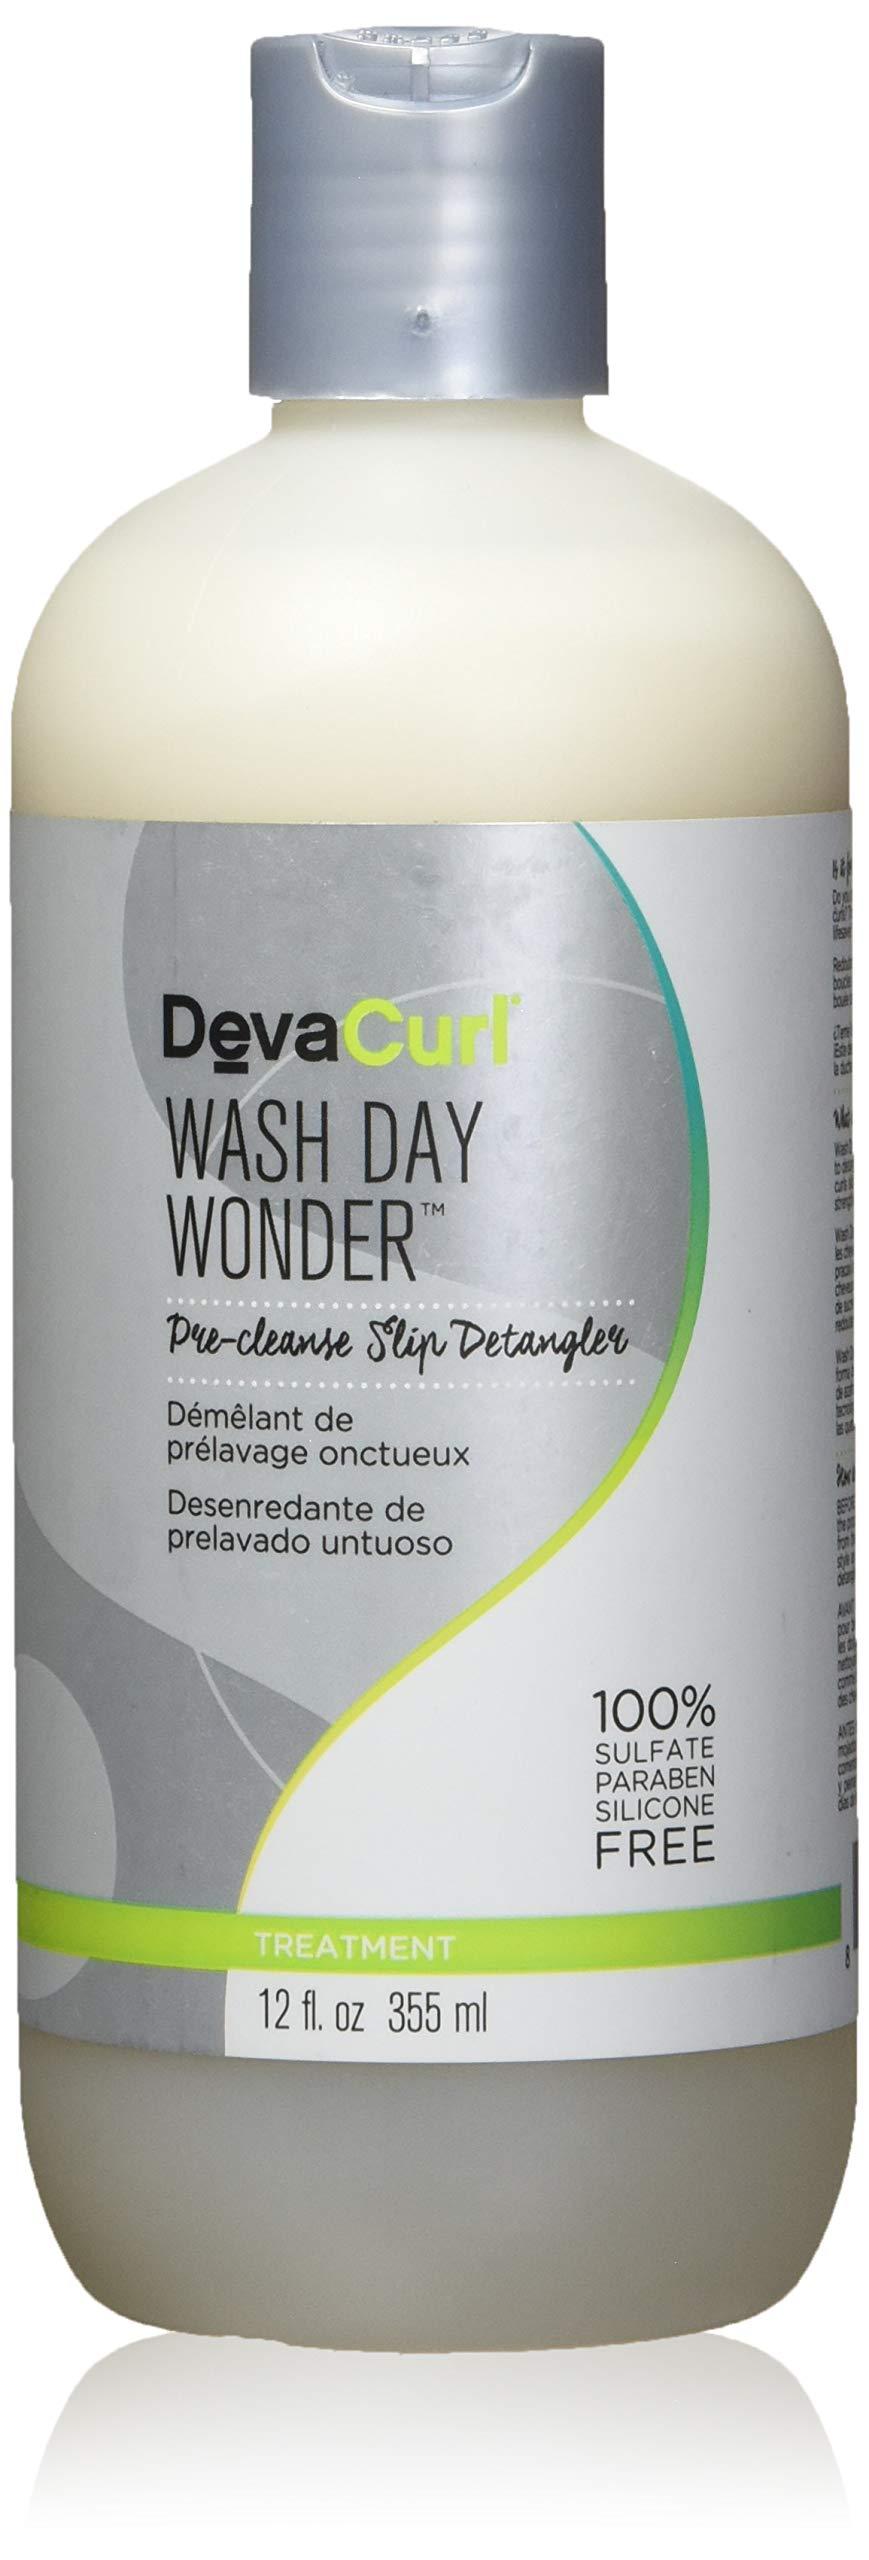 DevaCurl Wash Day Wonder, 12oz